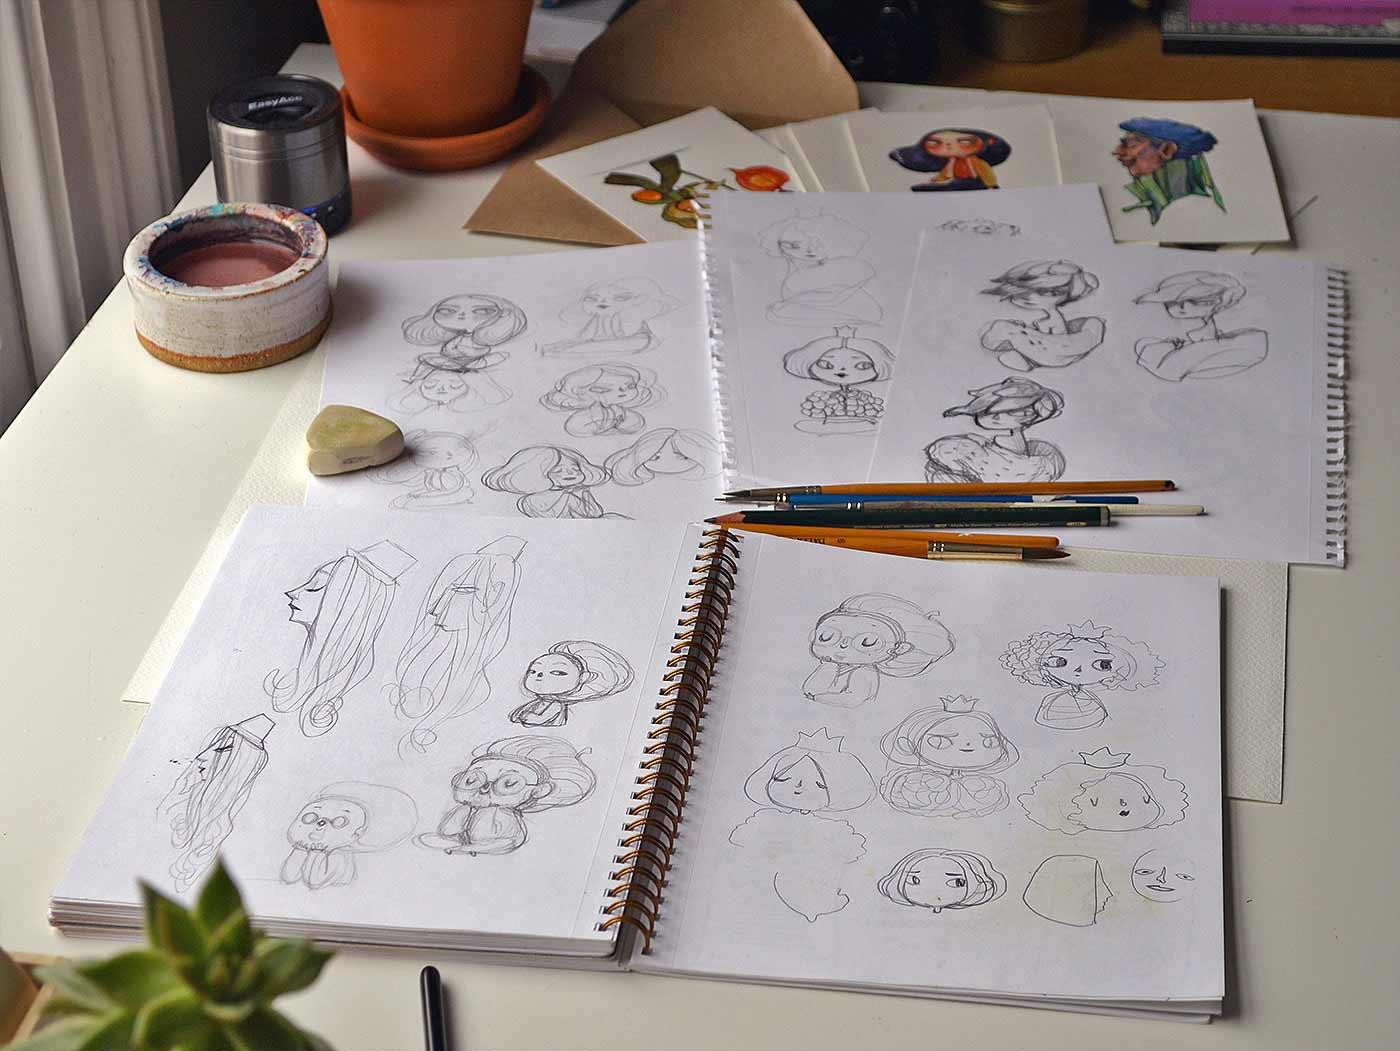 Früchte als Personen gezeichnet obst-als-personen-Marija-Tiurina_09